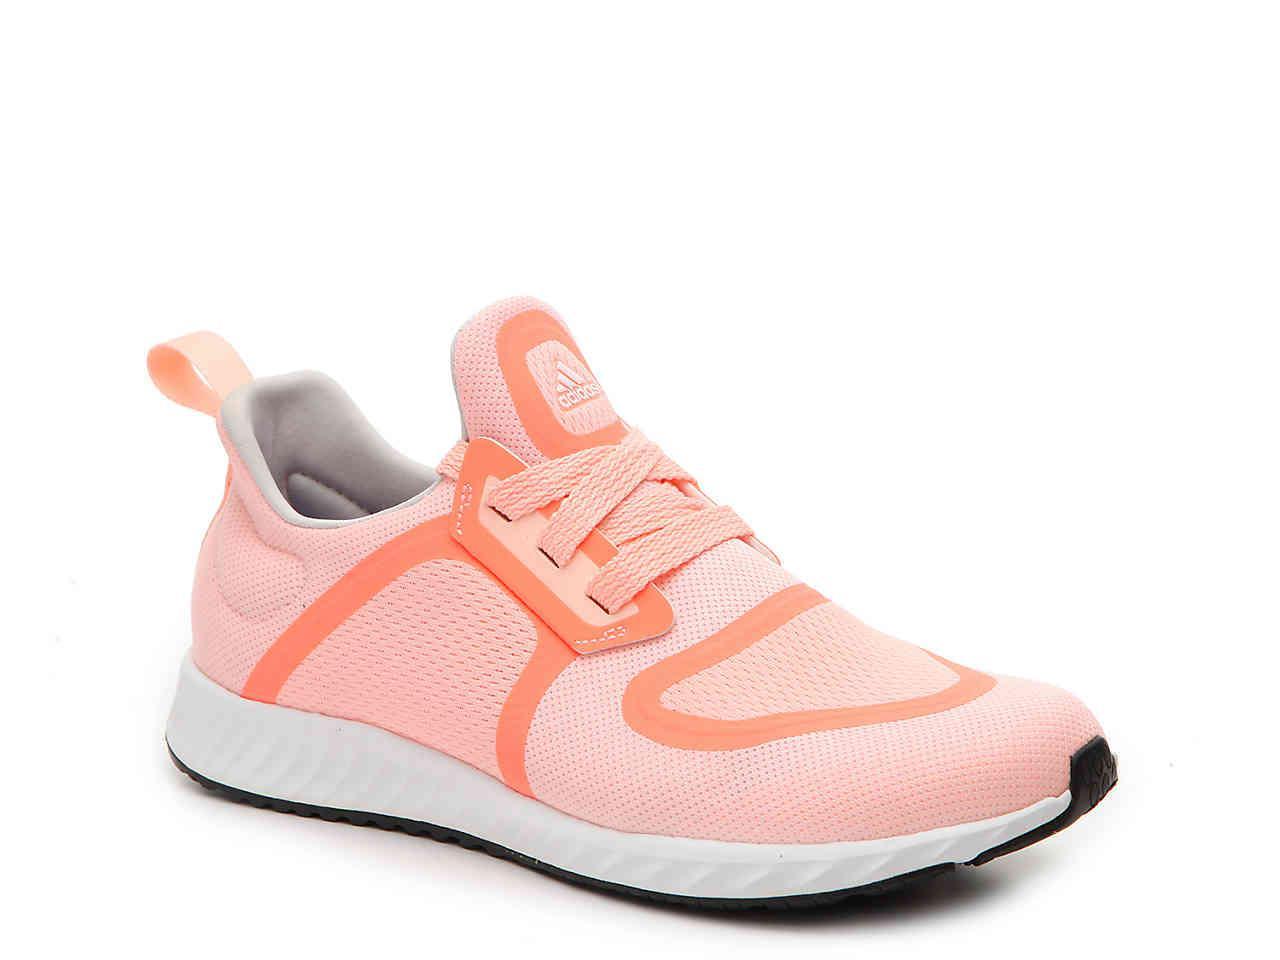 lyst adidas edge lux clima leggera scarpa da corsa in rosa